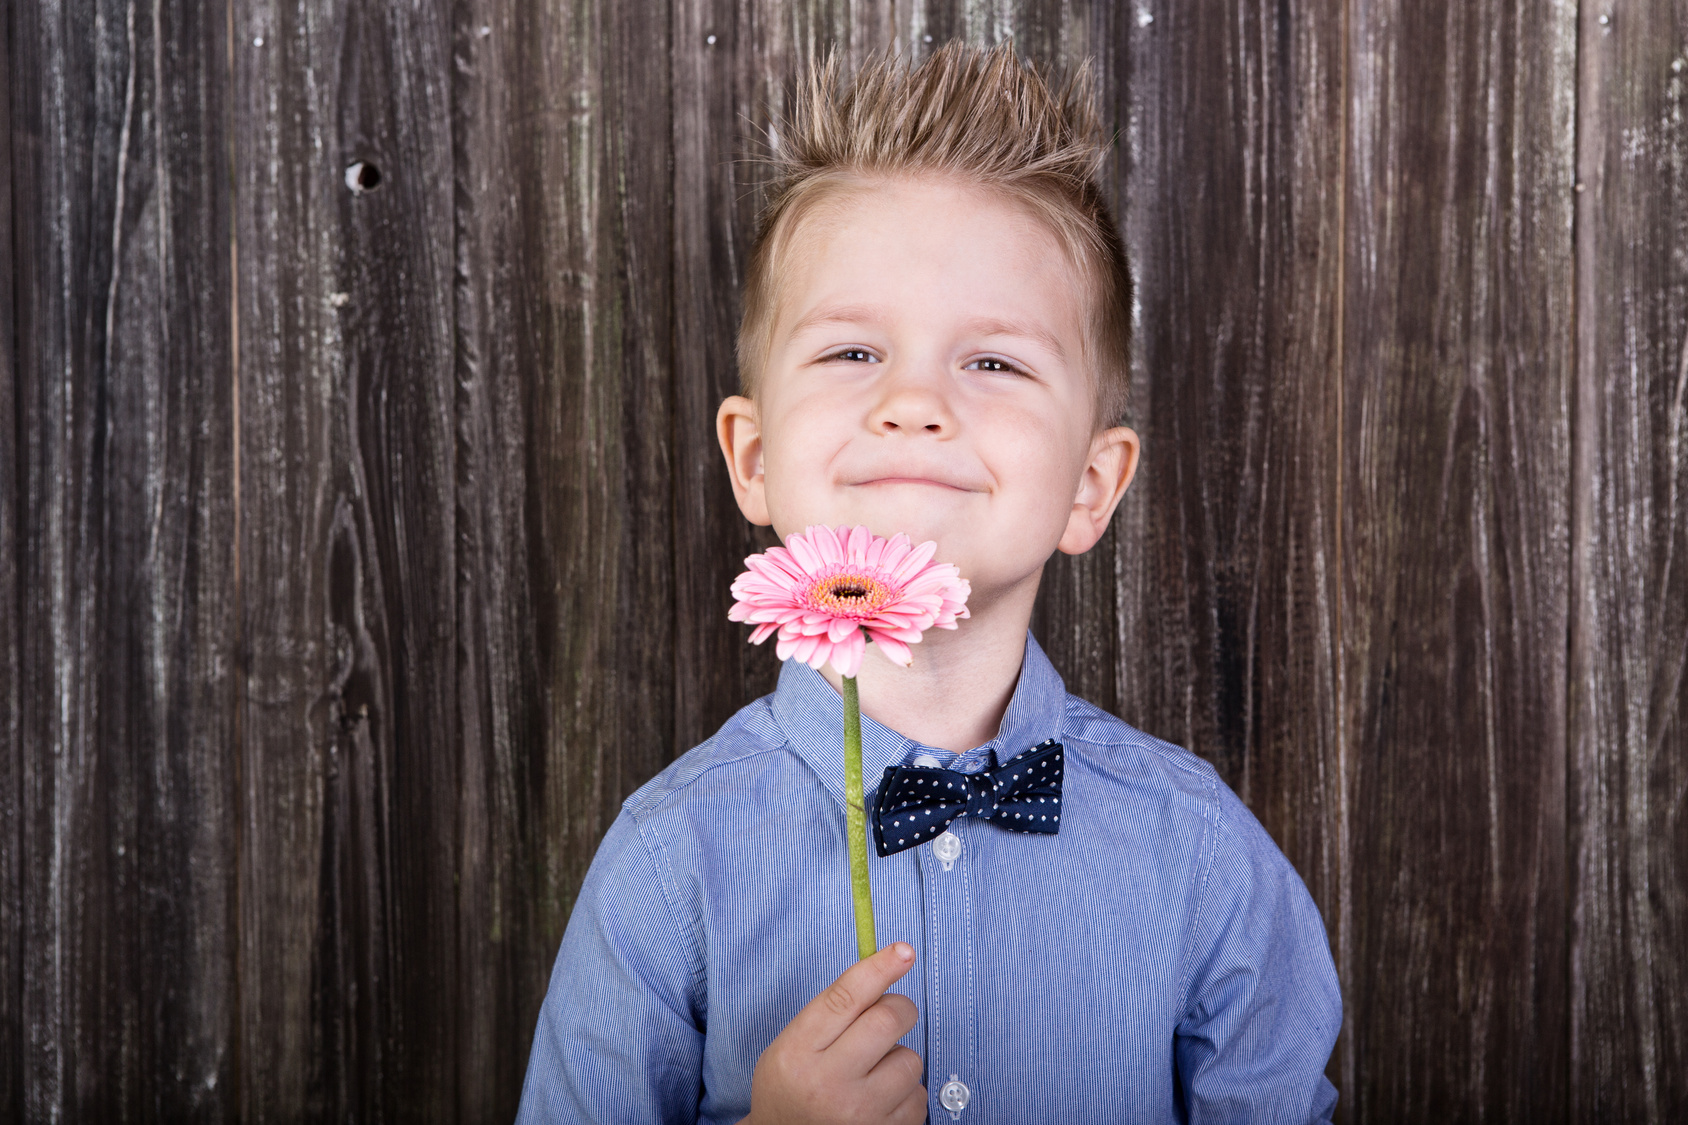 Kind mit Blume in der Hand